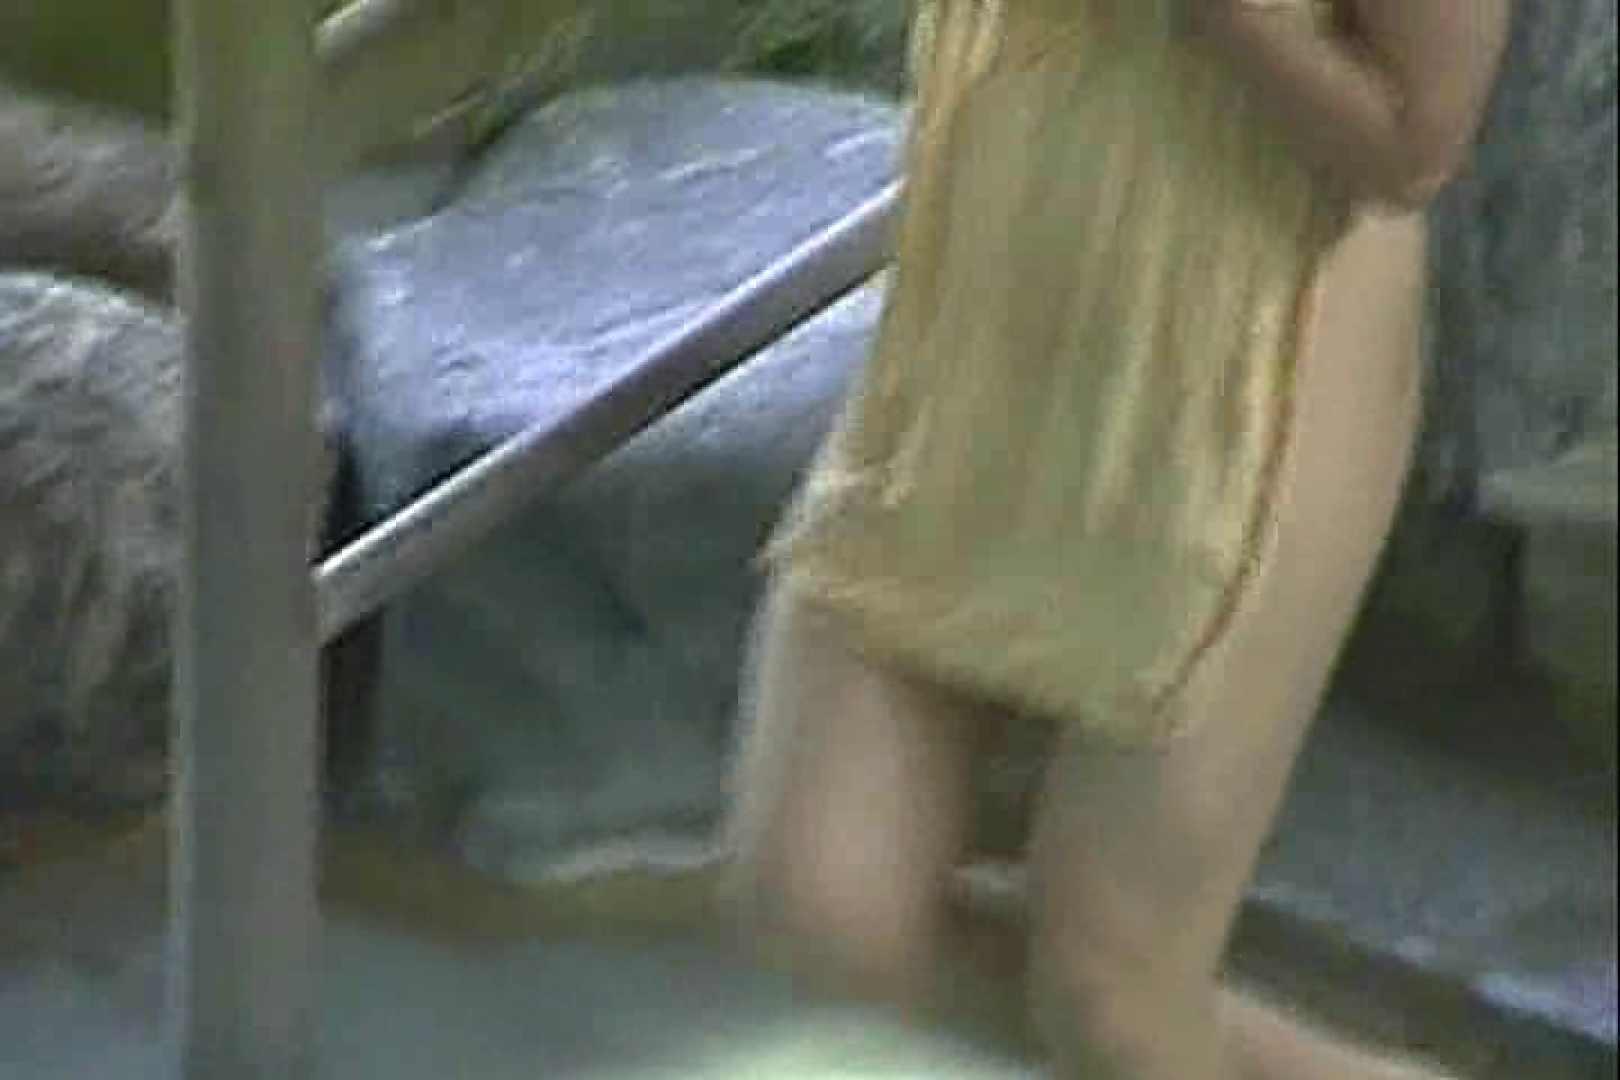 激撮!! 接写天井裏の刺客Vol.4 エロティックなOL おめこ無修正画像 79画像 77